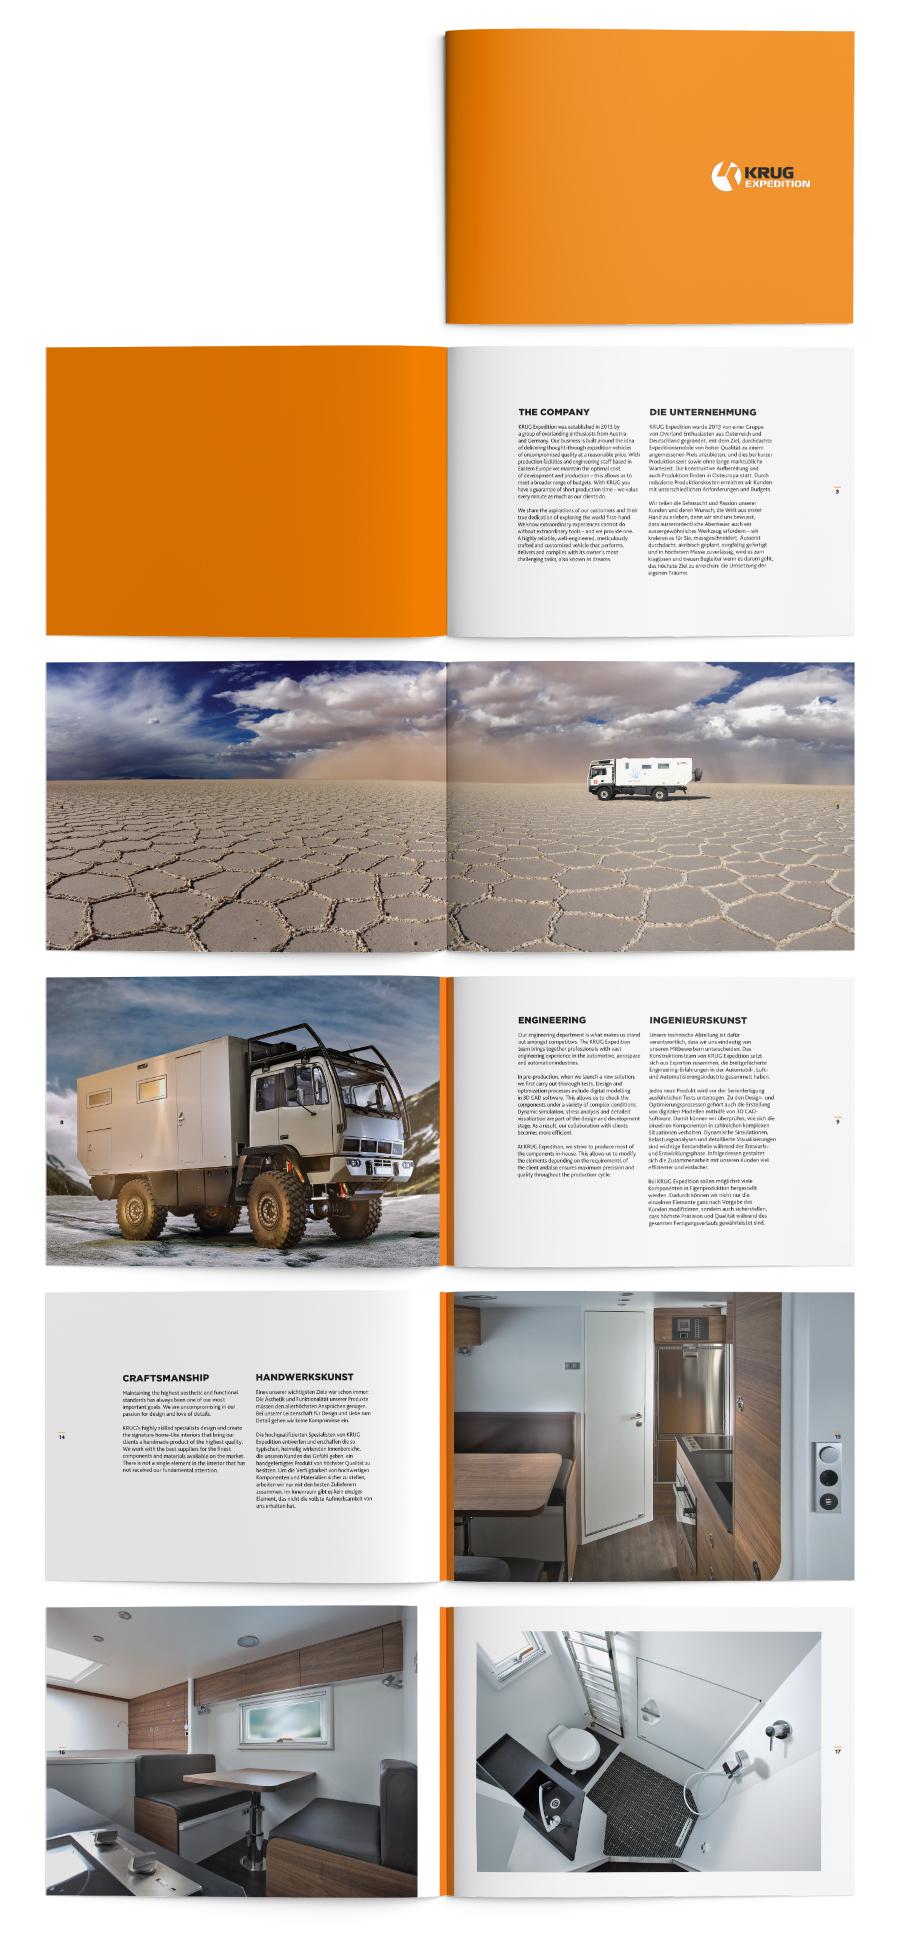 KRUG-brochure-W